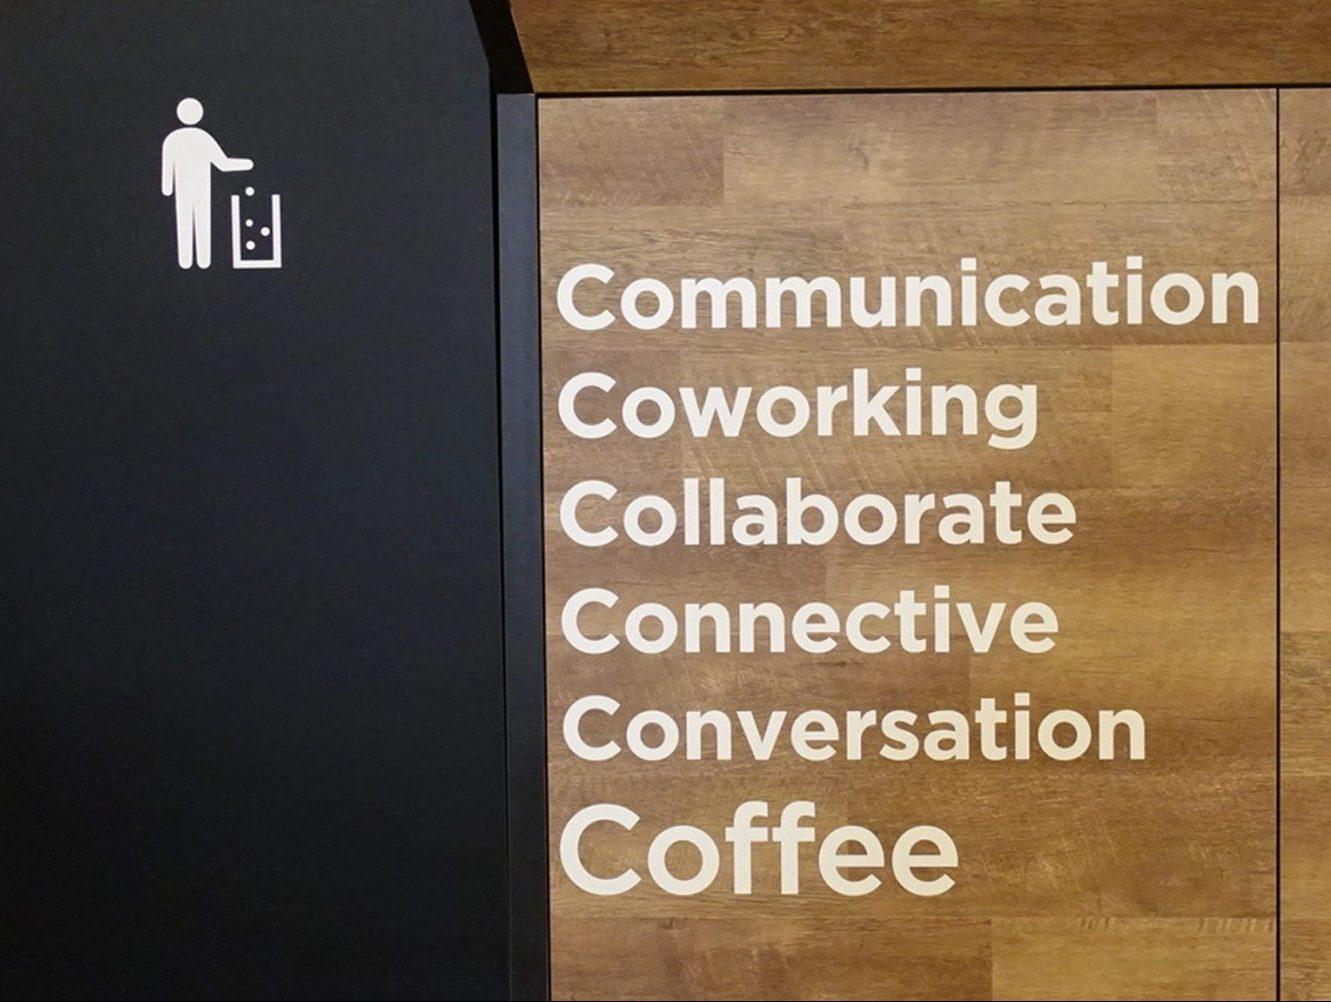 東京のUCCコーヒーアカデミーに設置された無人型コーヒースタンド「UCC Express」のグラフィックデザイン画像